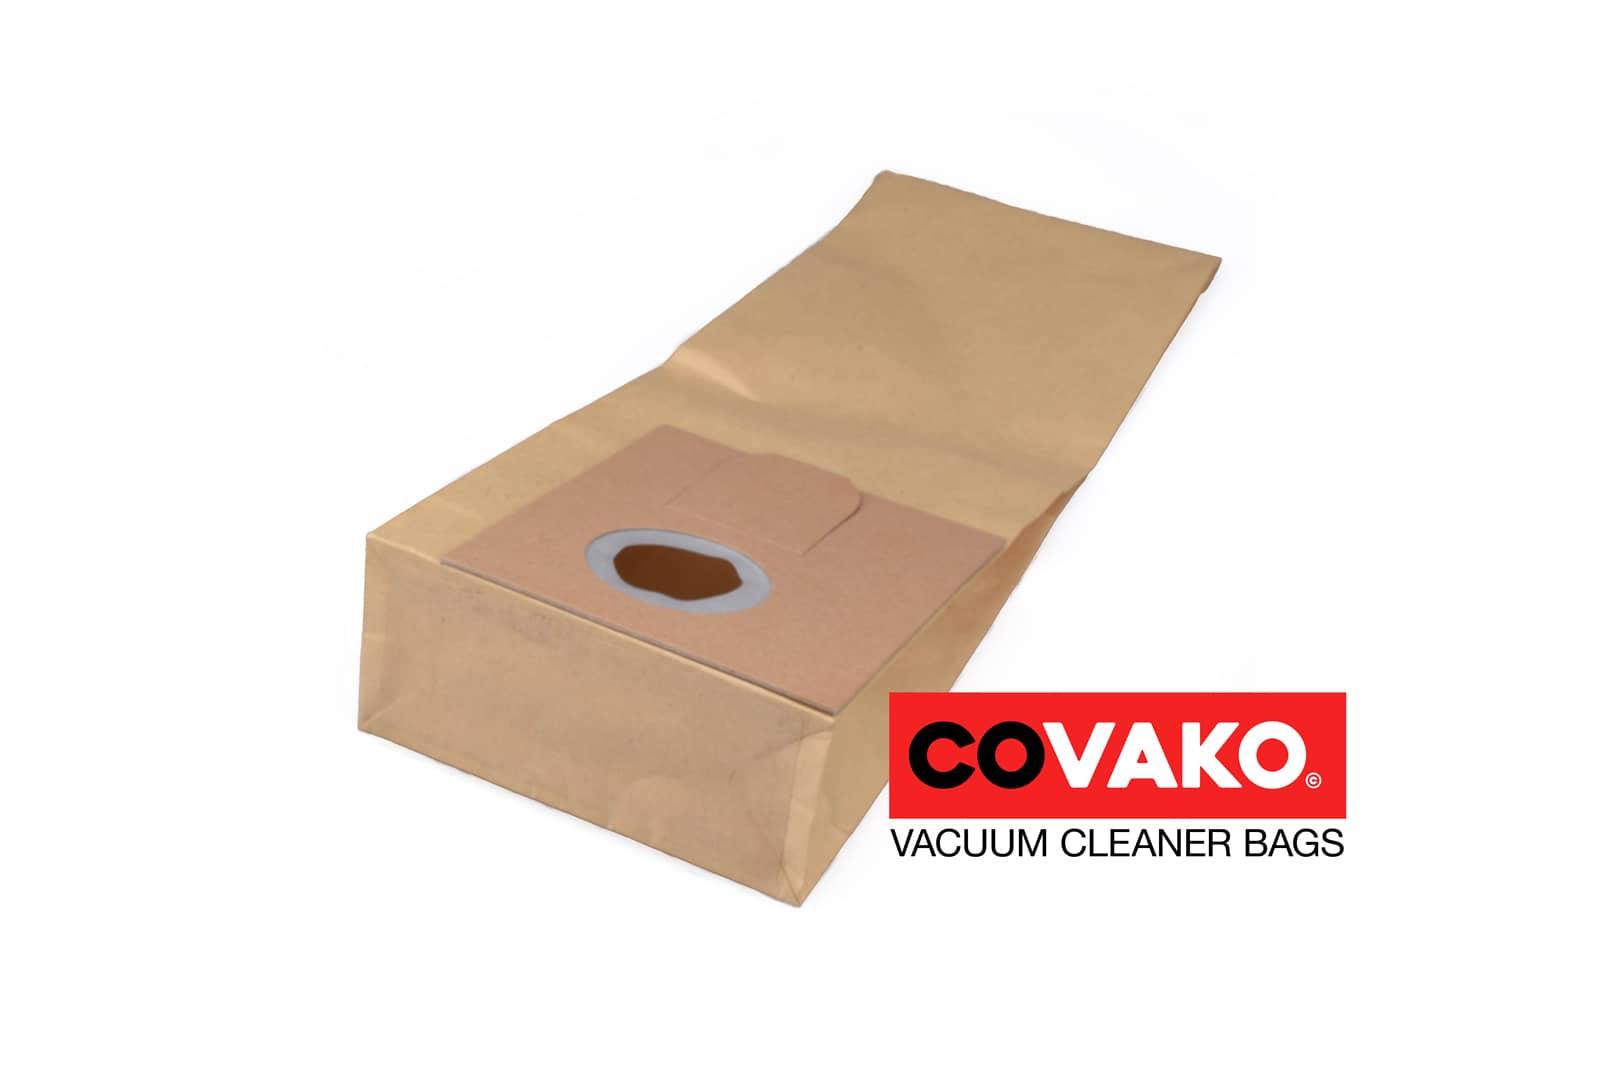 Tennant CV 141 / Papier - Tennant sacs d'aspirateur